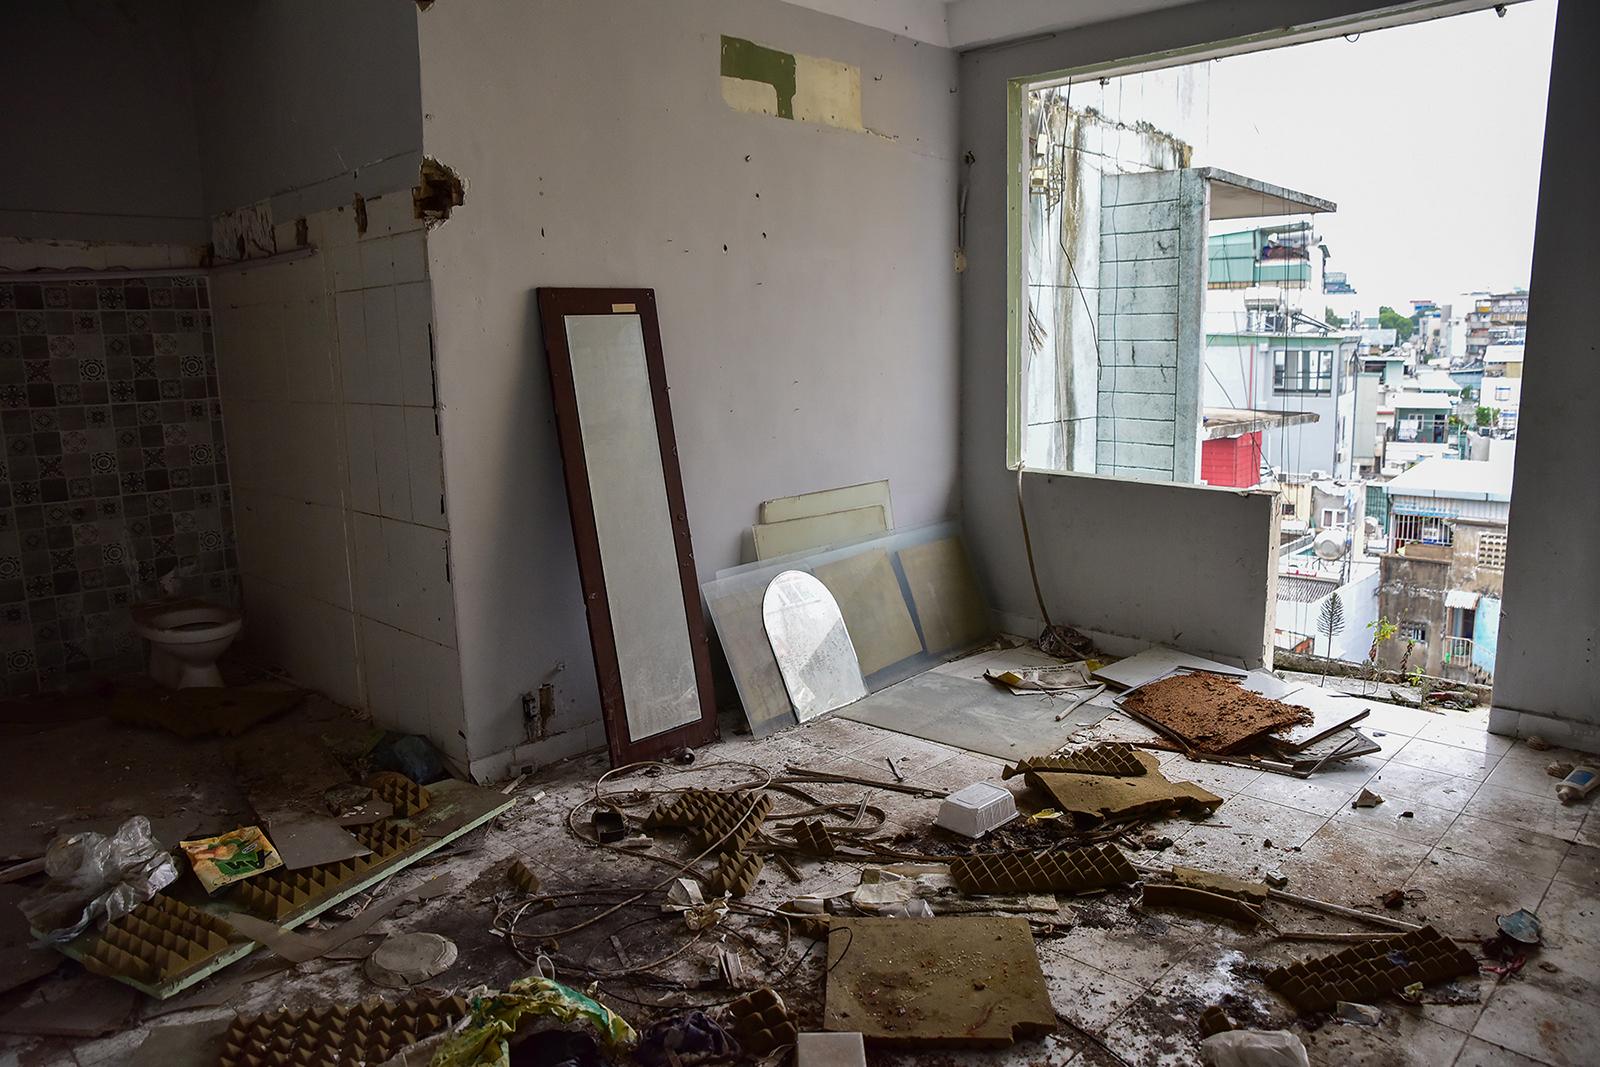 Ớn lạnh cảnh rác ngập ngụa trong các căn hộ chung cư ở phố Tây Sài Gòn - 10